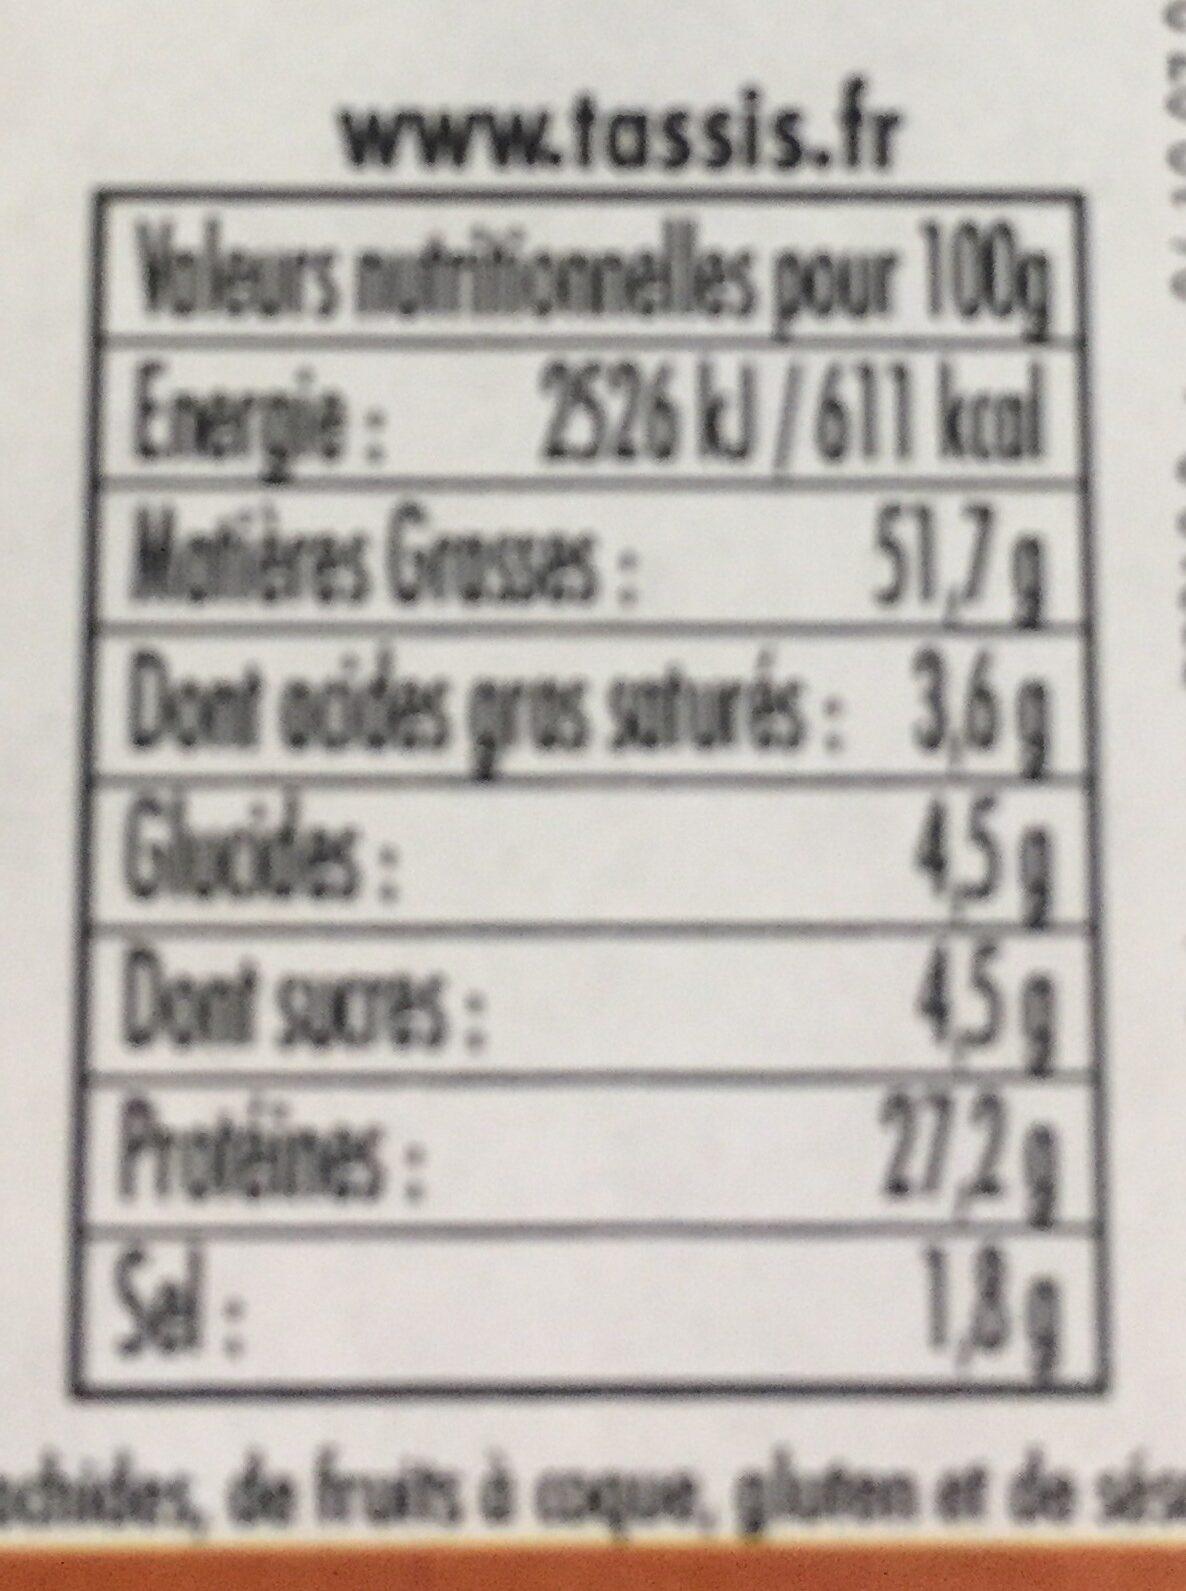 Amandes grillées salées - Ingredients